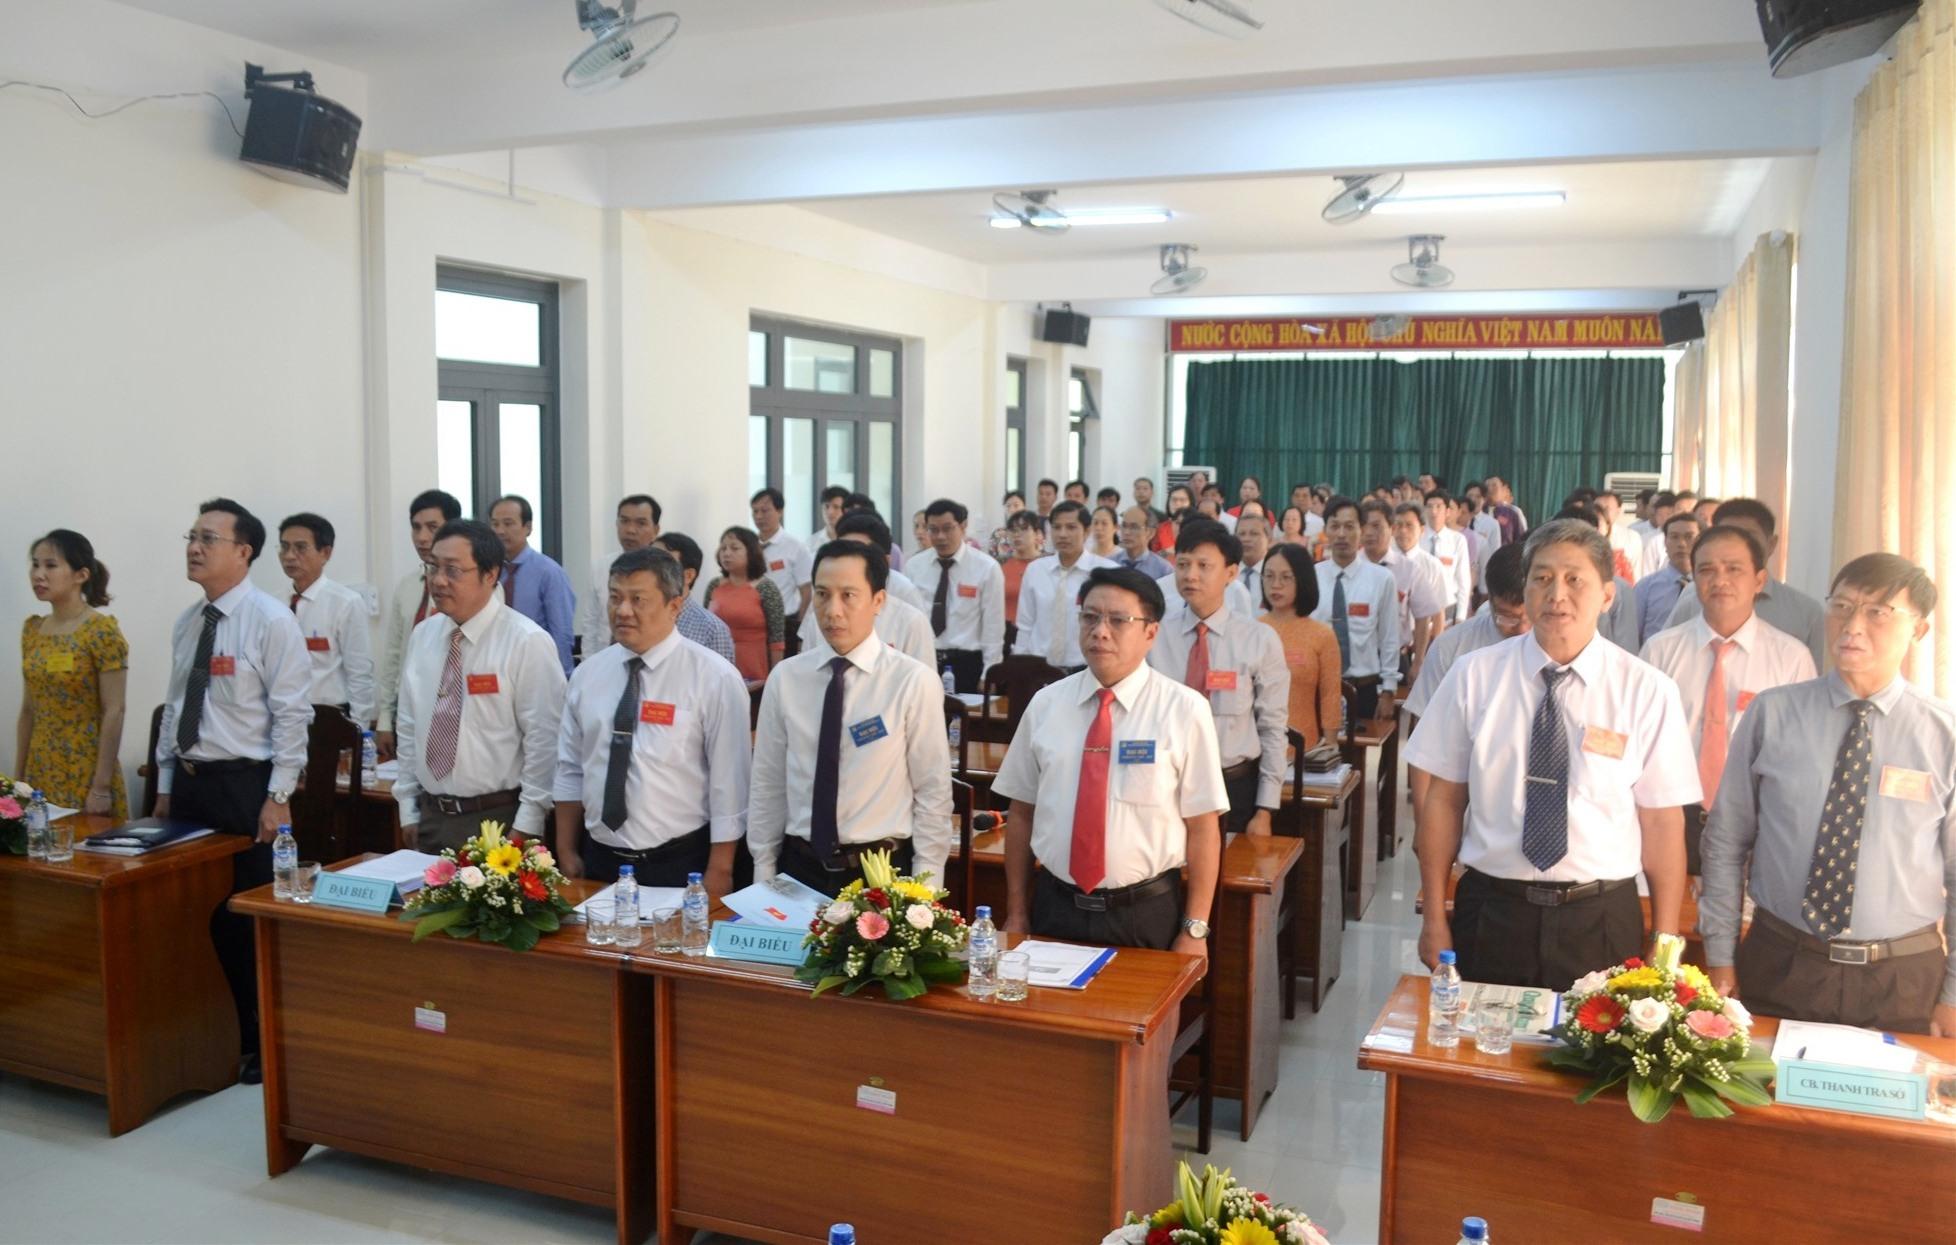 Đại hội có sự tham dự của 90 đảng viên toàn đảng bộ. Ảnh: CT